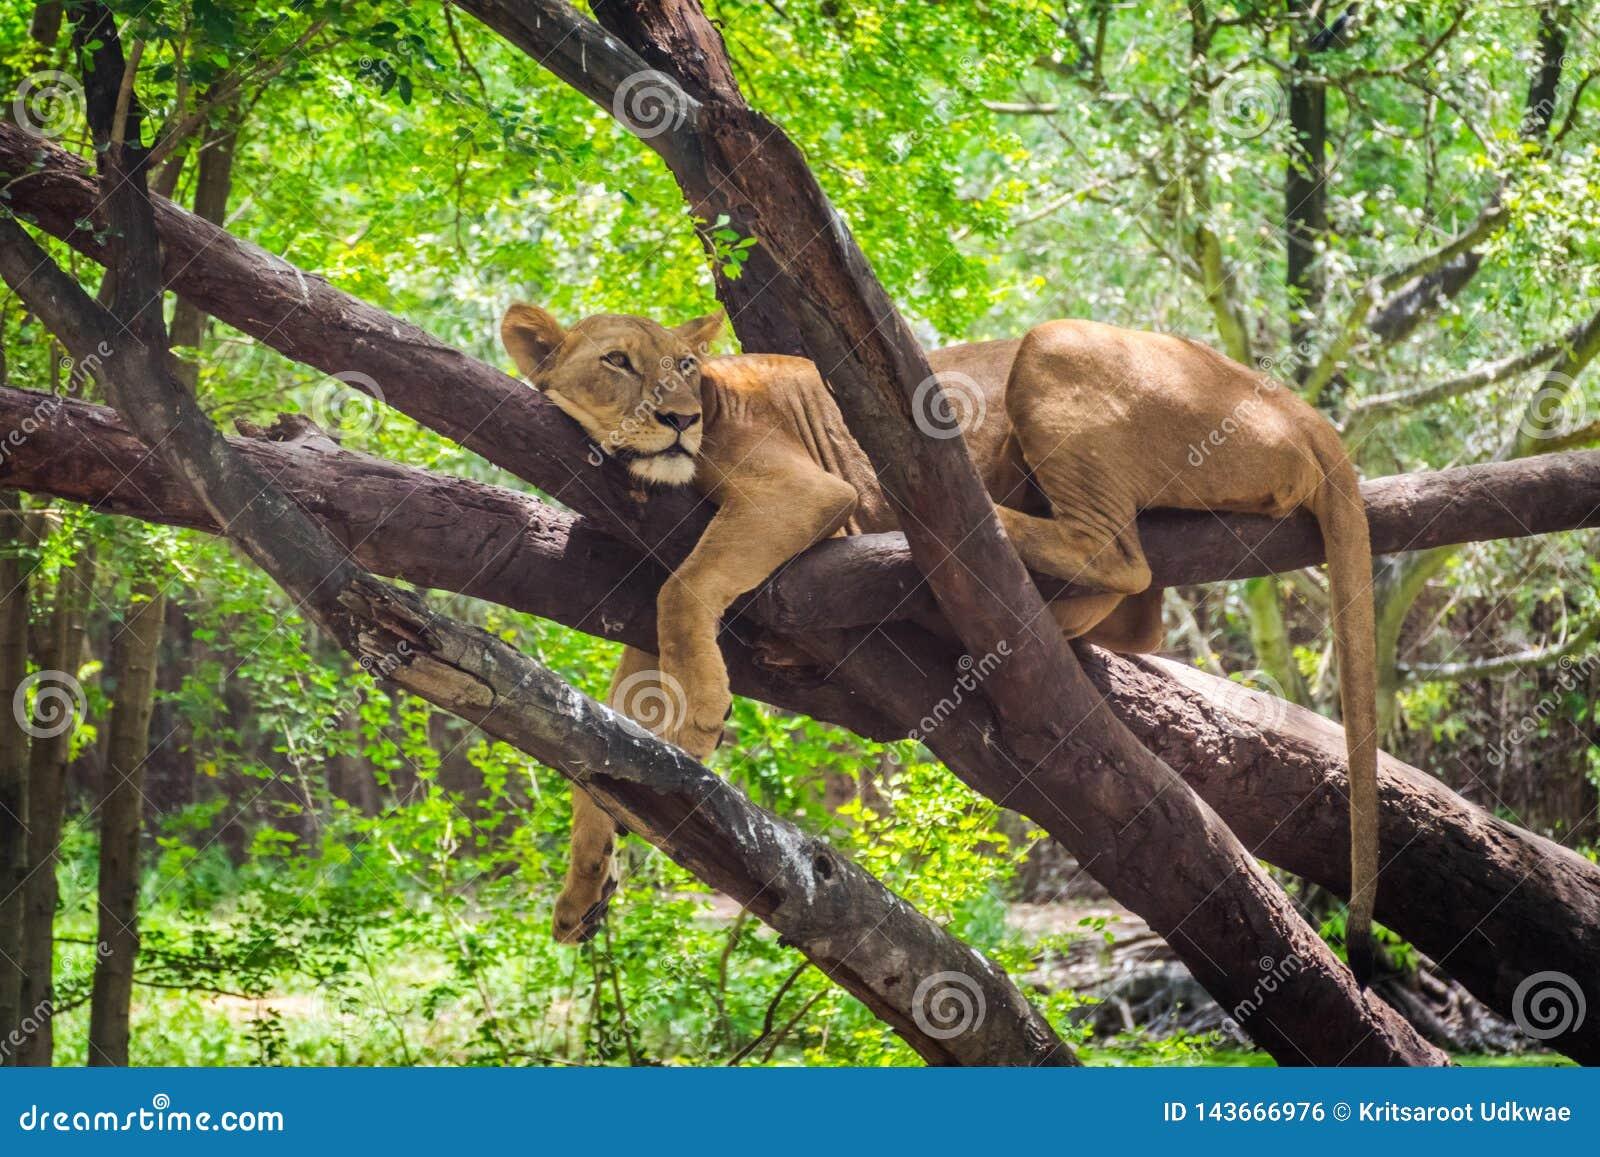 Żeński lew jest odpoczynkowy na drzewie